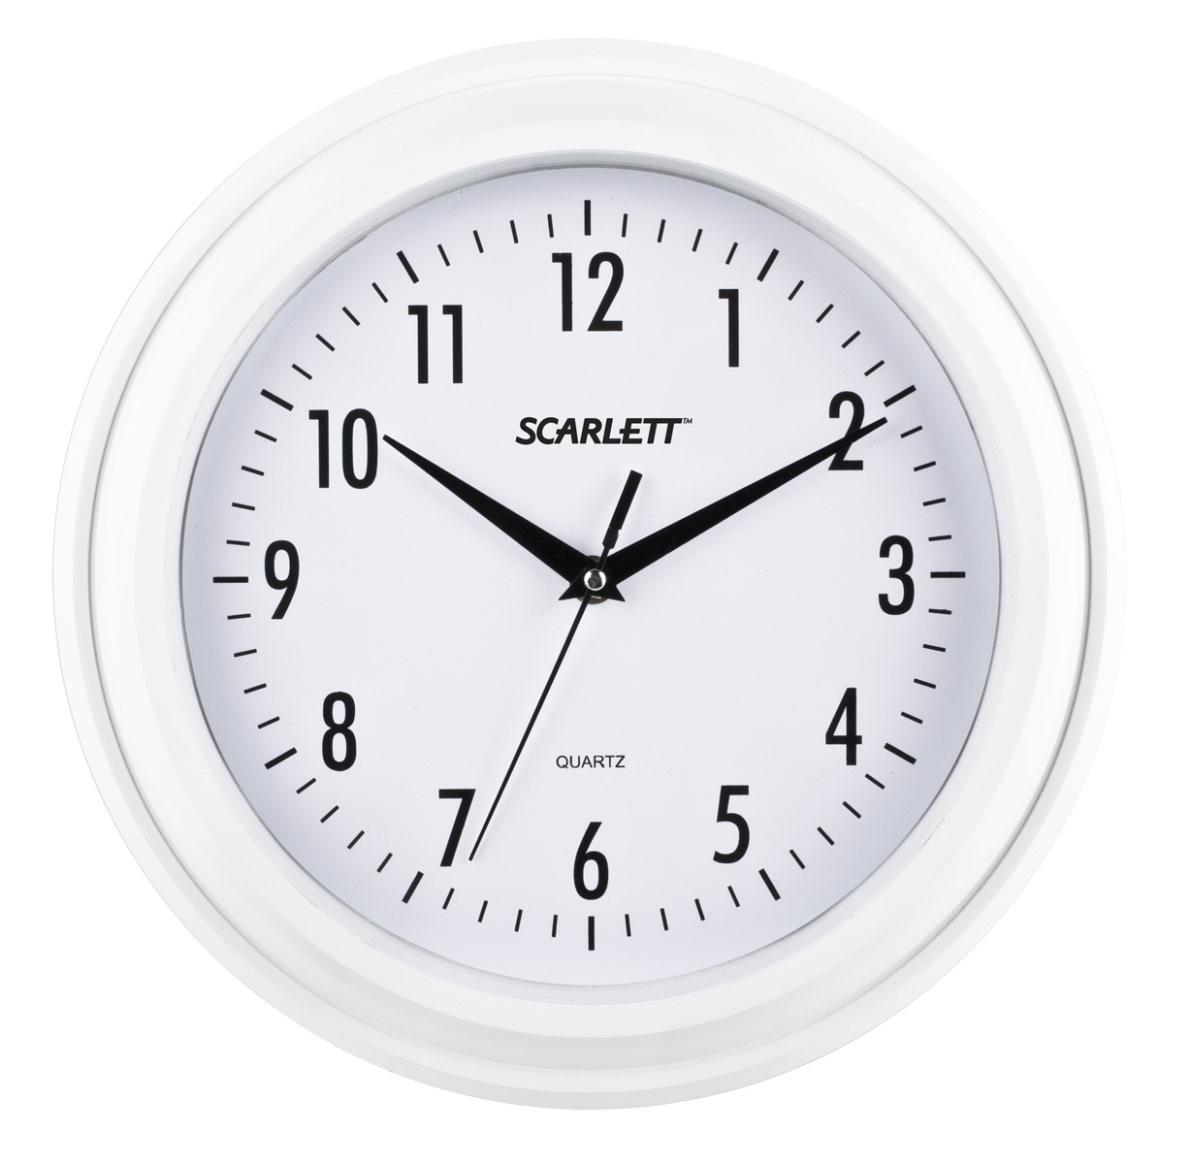 Часы настенные Scarlett, цвет: белый, диаметр 30,5 см300074_ежевикаНастенные кварцевые часы Scarlett в классическом дизайне, изготовленные из пластика, прекрасно впишутся в интерьер вашего дома. Круглые часы имеют три стрелки: часовую, минутную и секундную, циферблат защищен прозрачным пластиком. Часы работают от 1 батарейки типа АА напряжением 1,5 В (батарейка в комплект не входит). Диаметр часов: 30,5 см.